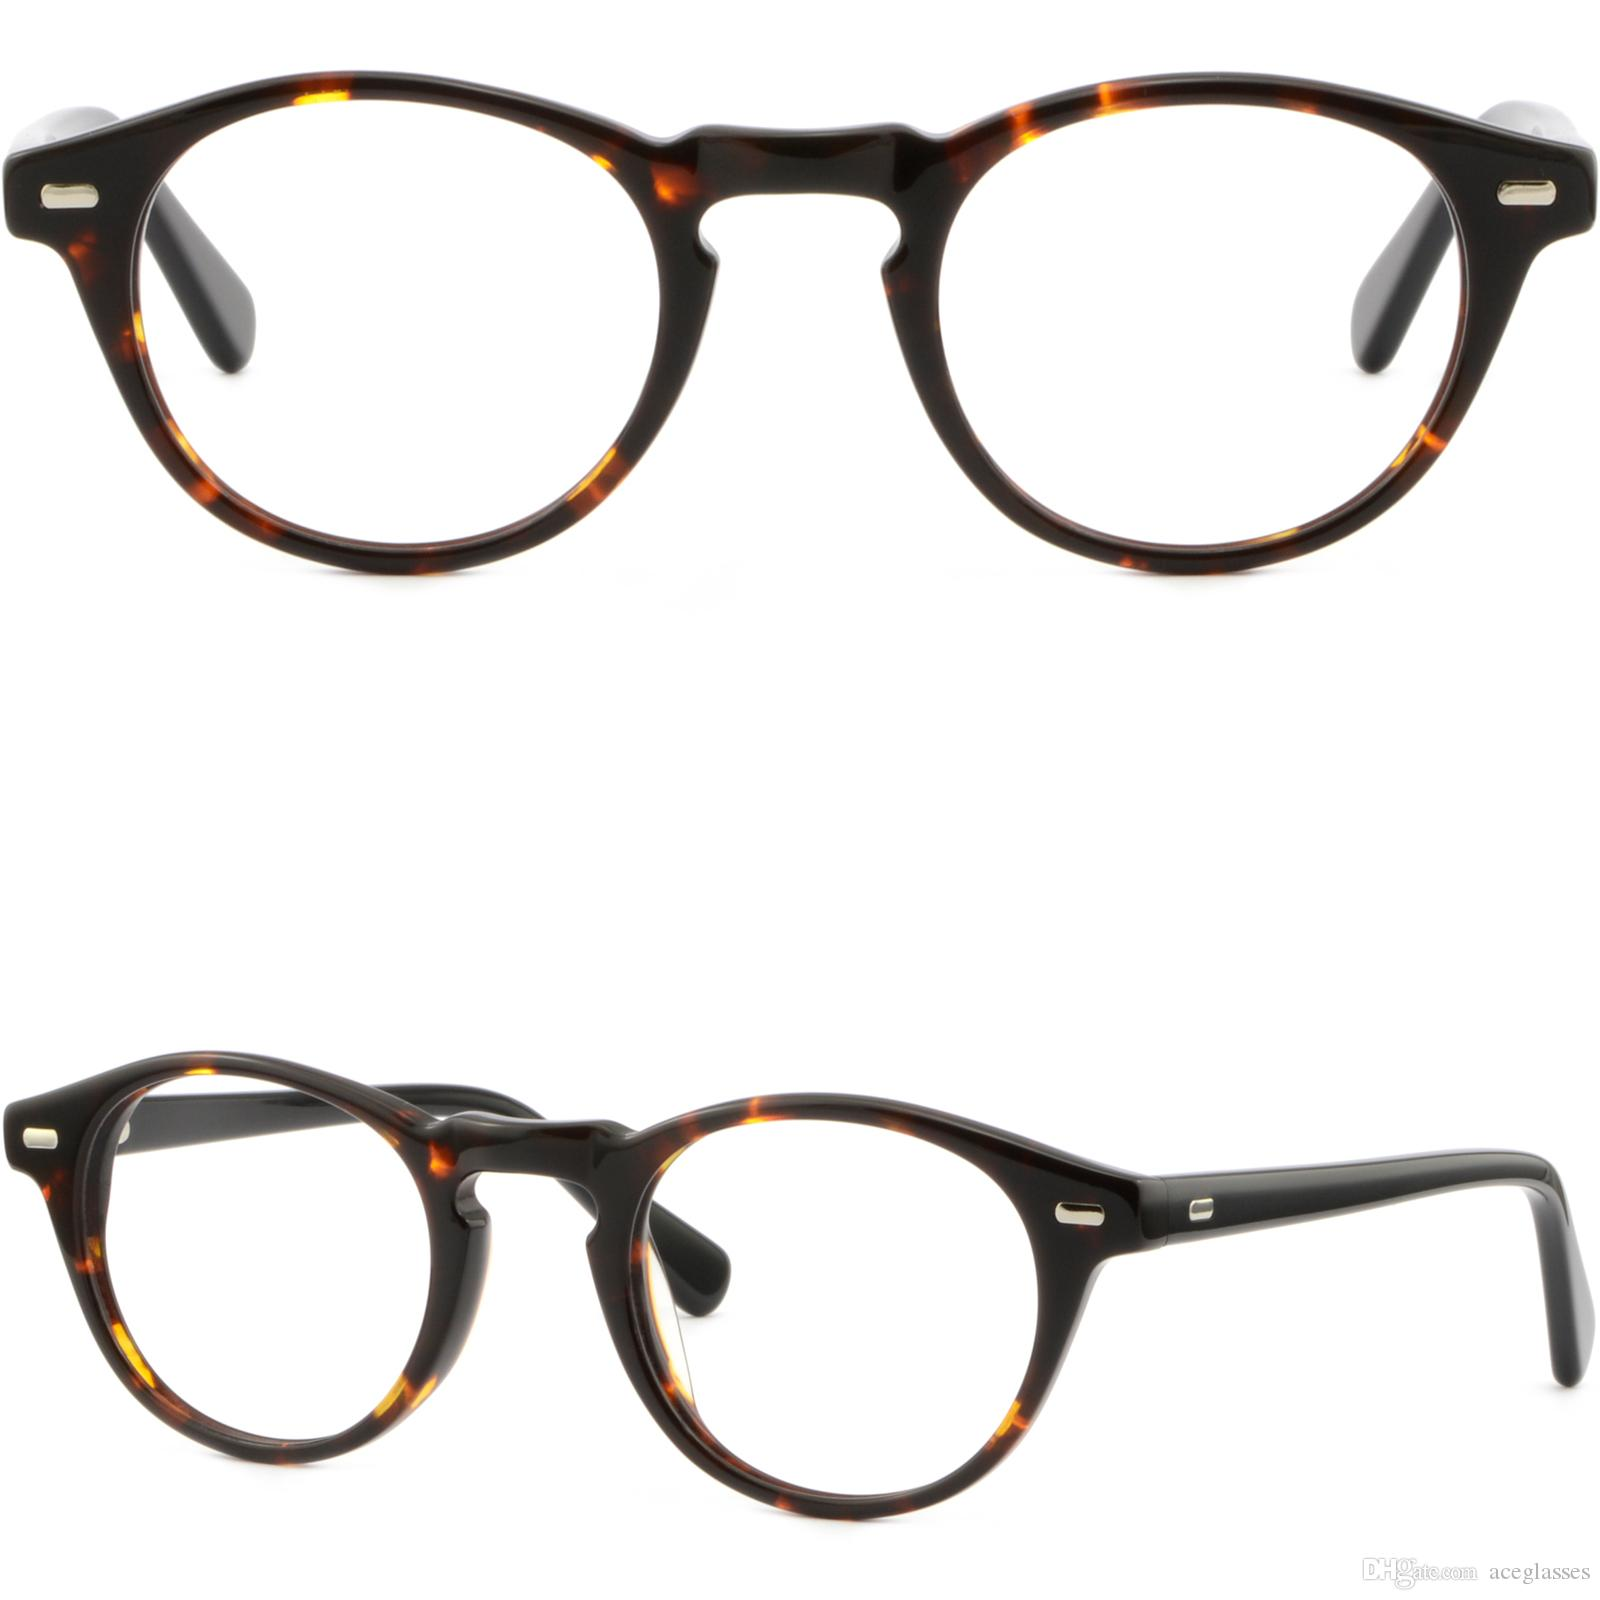 Occhiali da vista da uomo in plastica con cerniera a molla Occhiali in argento con accenti tartaruga